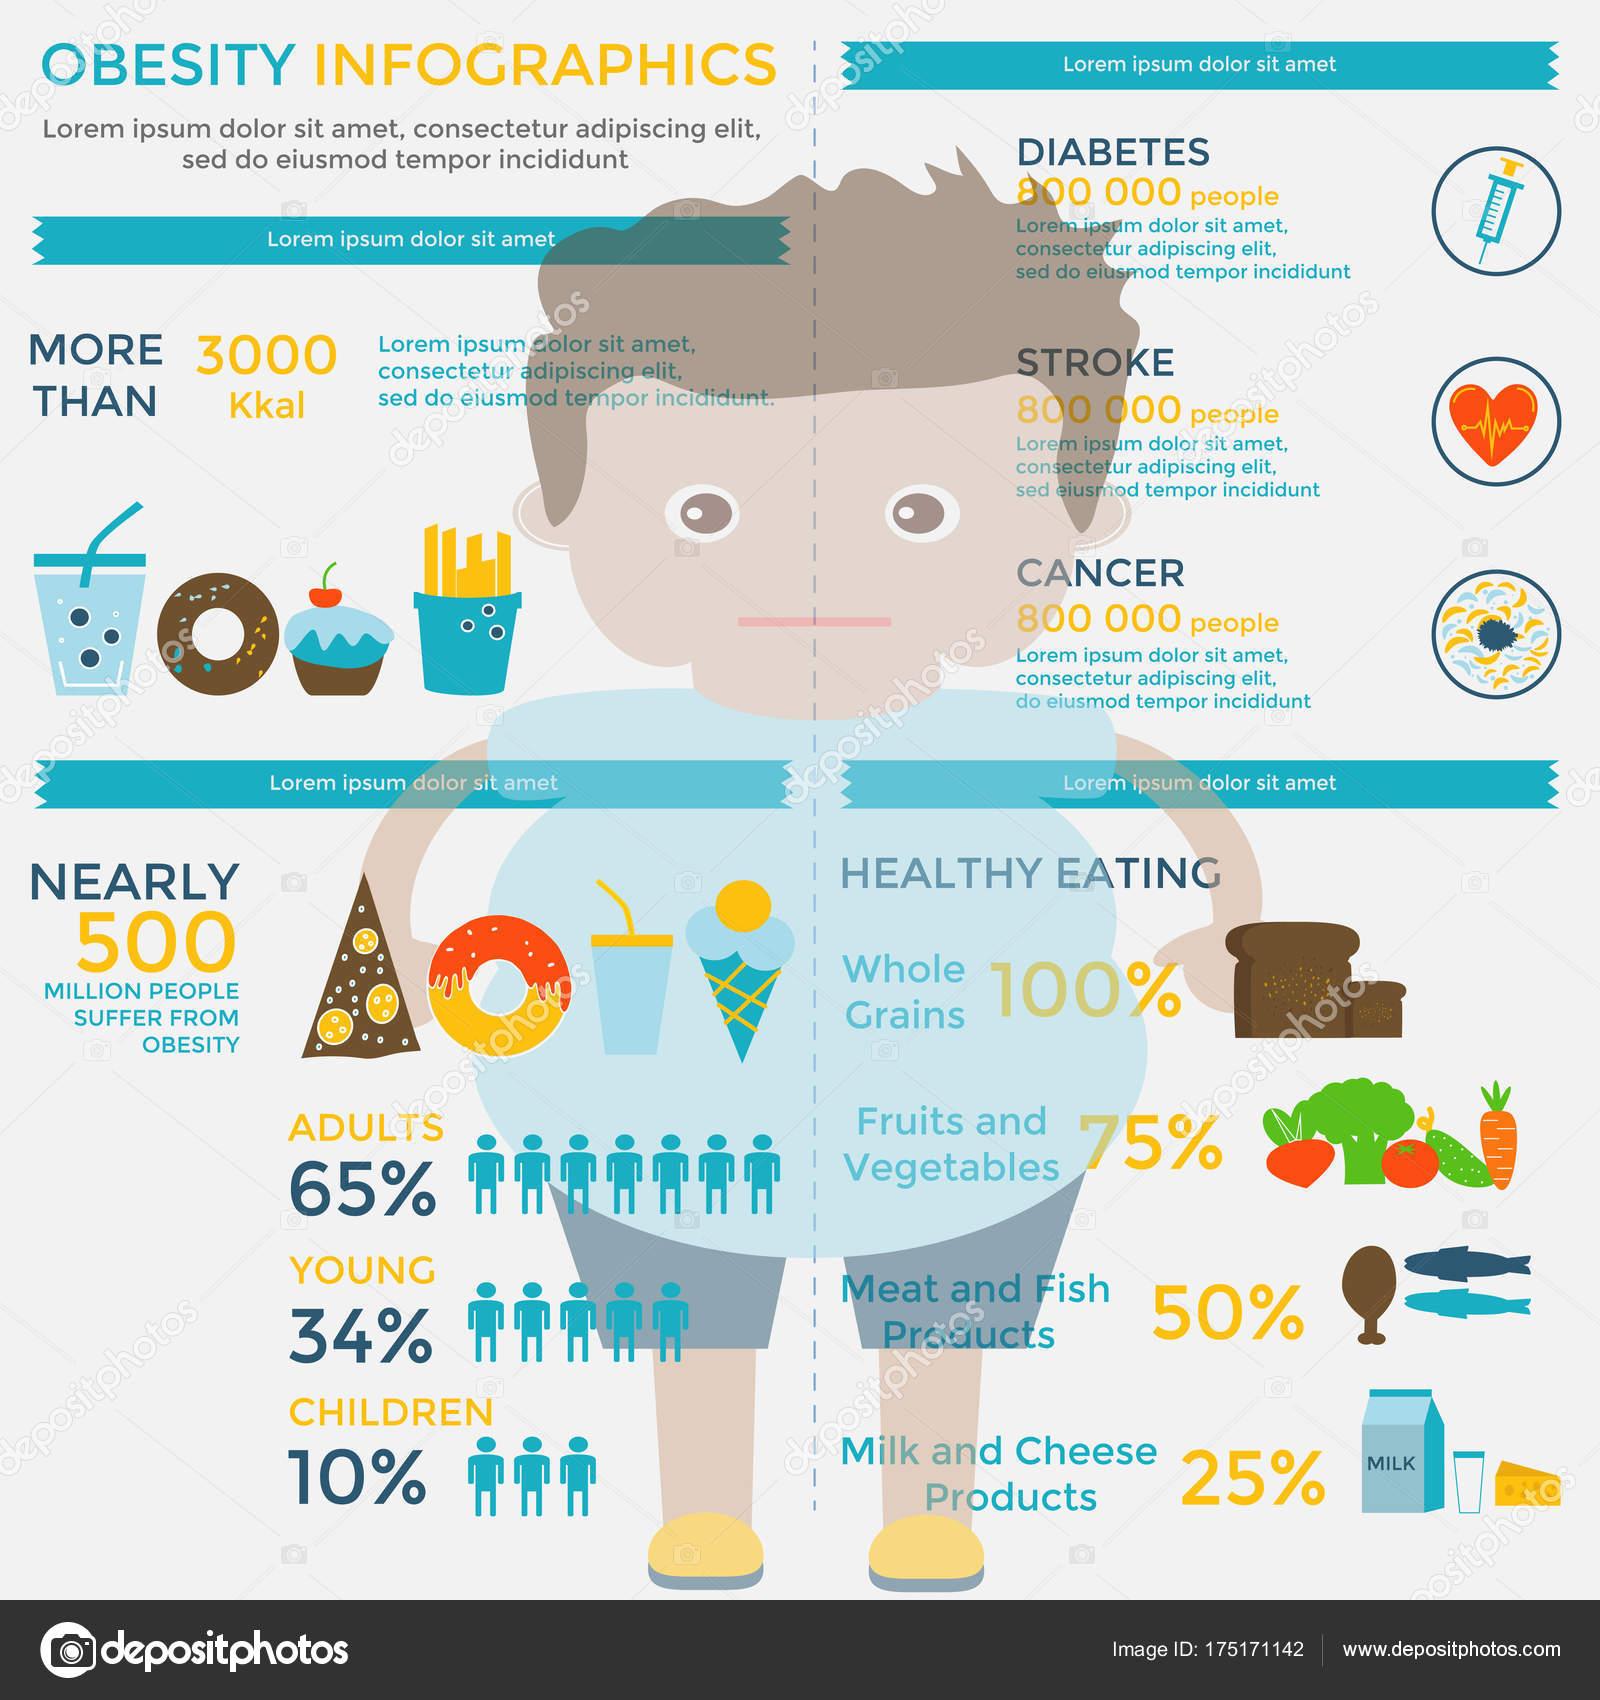 Ожирение инфографики шаблон быстрого питания сидячий образ жизни.